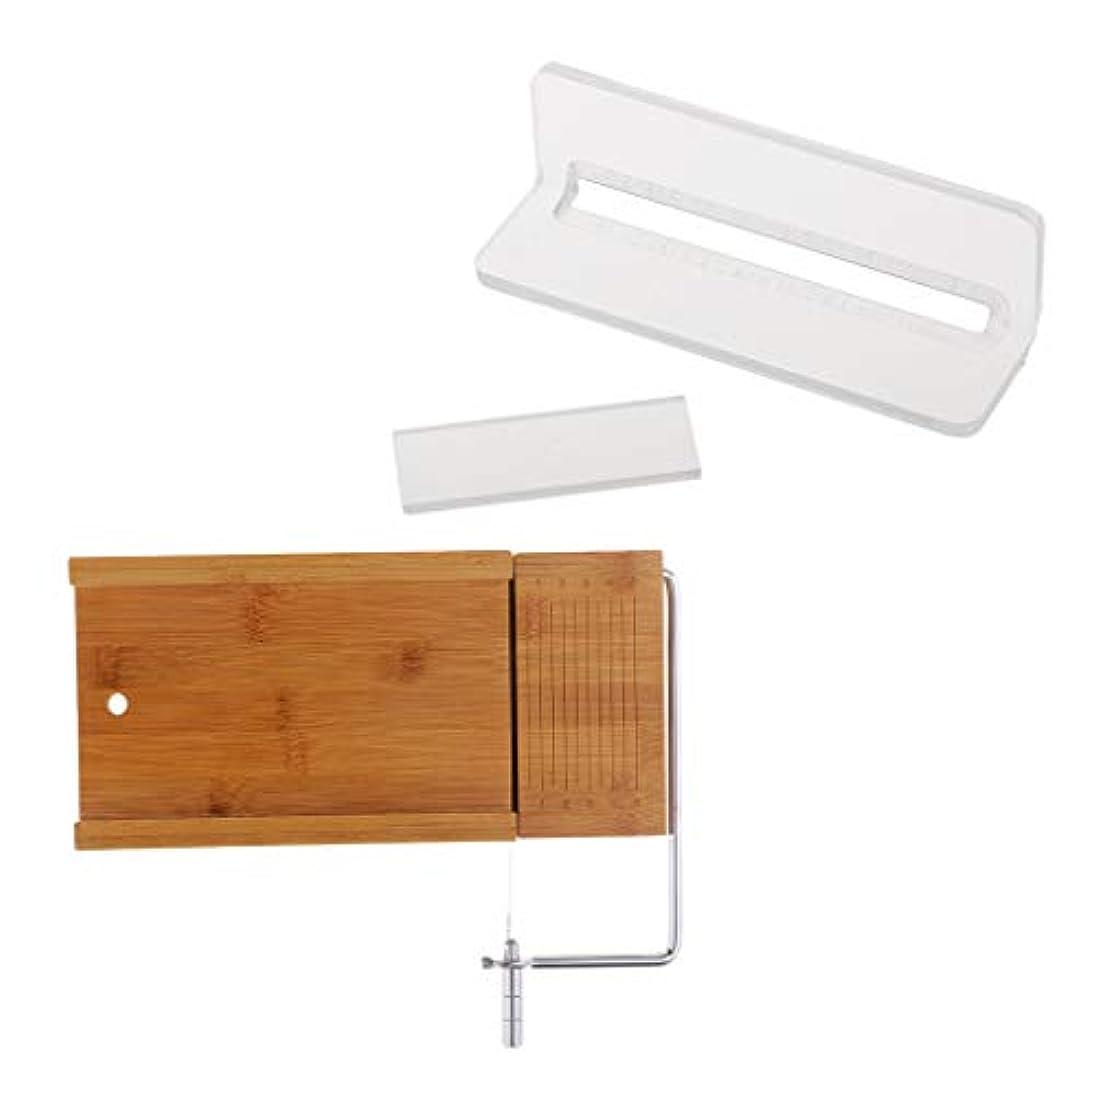 ディレイマウス偽善dailymall 木製石鹸カッタースライサーベベラープレーナー手作り石鹸切削工具を作る